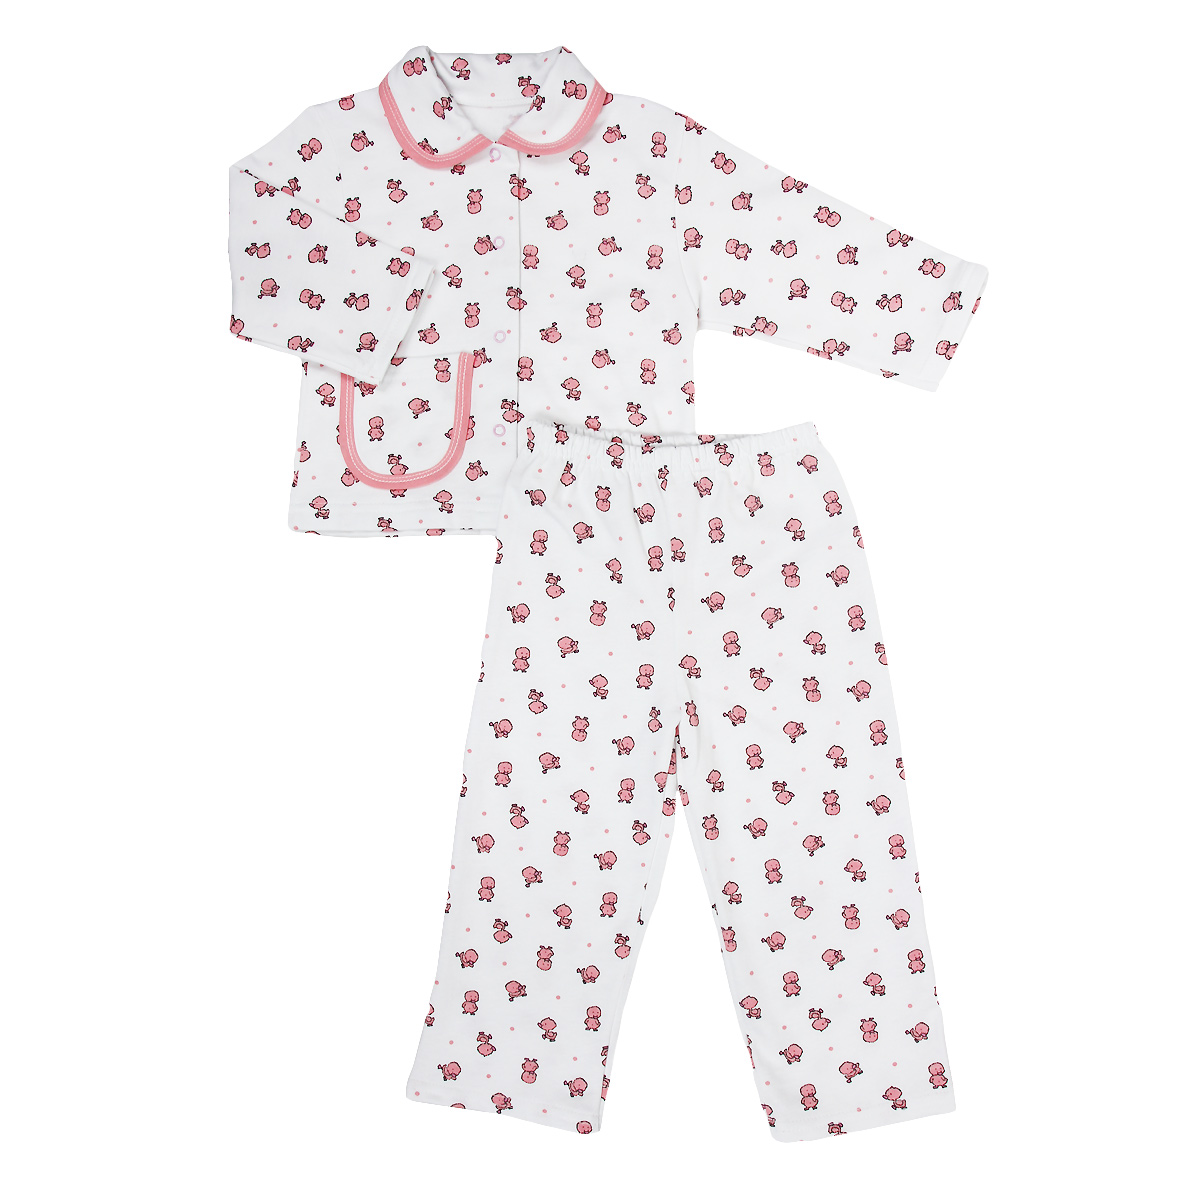 Пижама детская Трон-плюс, цвет: белый, розовый, рисунок утята. 5552. Размер 80/86, 1-2 года5552Яркая детская пижама Трон-плюс, состоящая из кофточки и штанишек, идеально подойдет вашему малышу и станет отличным дополнением к детскому гардеробу. Теплая пижама, изготовленная из набивного футера - натурального хлопка, необычайно мягкая и легкая, не сковывает движения ребенка, позволяет коже дышать и не раздражает даже самую нежную и чувствительную кожу малыша. Кофта с длинными рукавами имеет отложной воротничок и застегивается на кнопки, также оформлена небольшим накладным карманчиком. Штанишки на удобной резинке не сдавливают животик ребенка и не сползают.В такой пижаме ваш ребенок будет чувствовать себя комфортно и уютно во время сна.